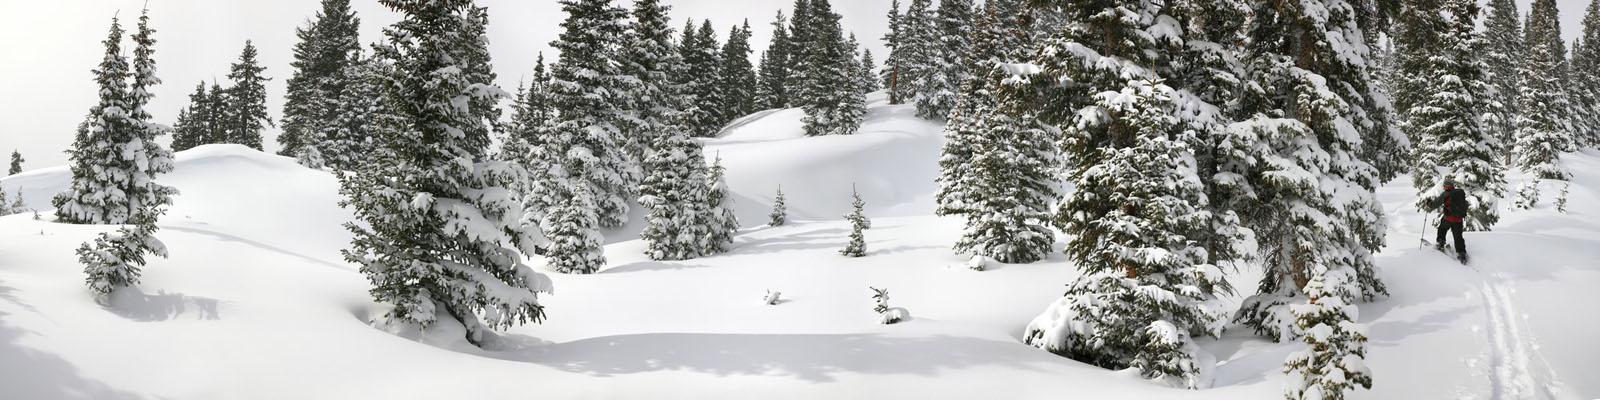 splitboarding,backcountry,skiing,Colorado,snow,deep,wilderness,mountains,panoramic,, photo